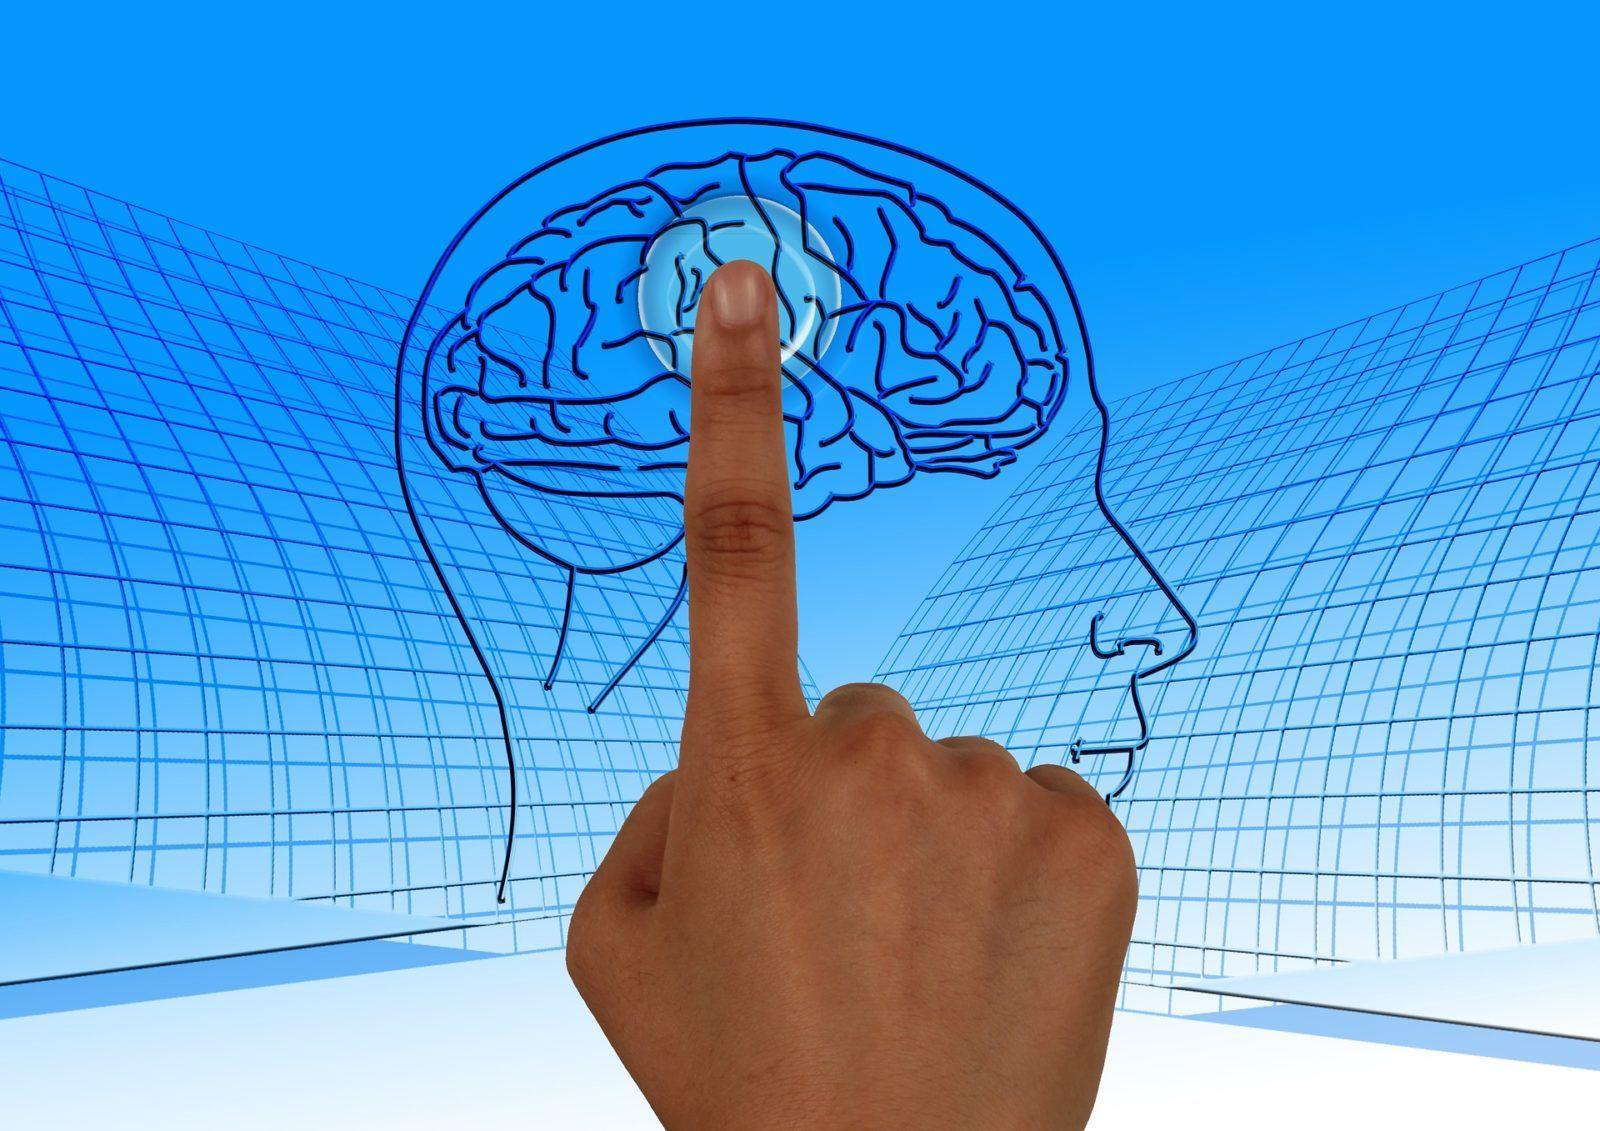 dedo-pulsando-la-imagen-de-un-cerebro-en-pantalla